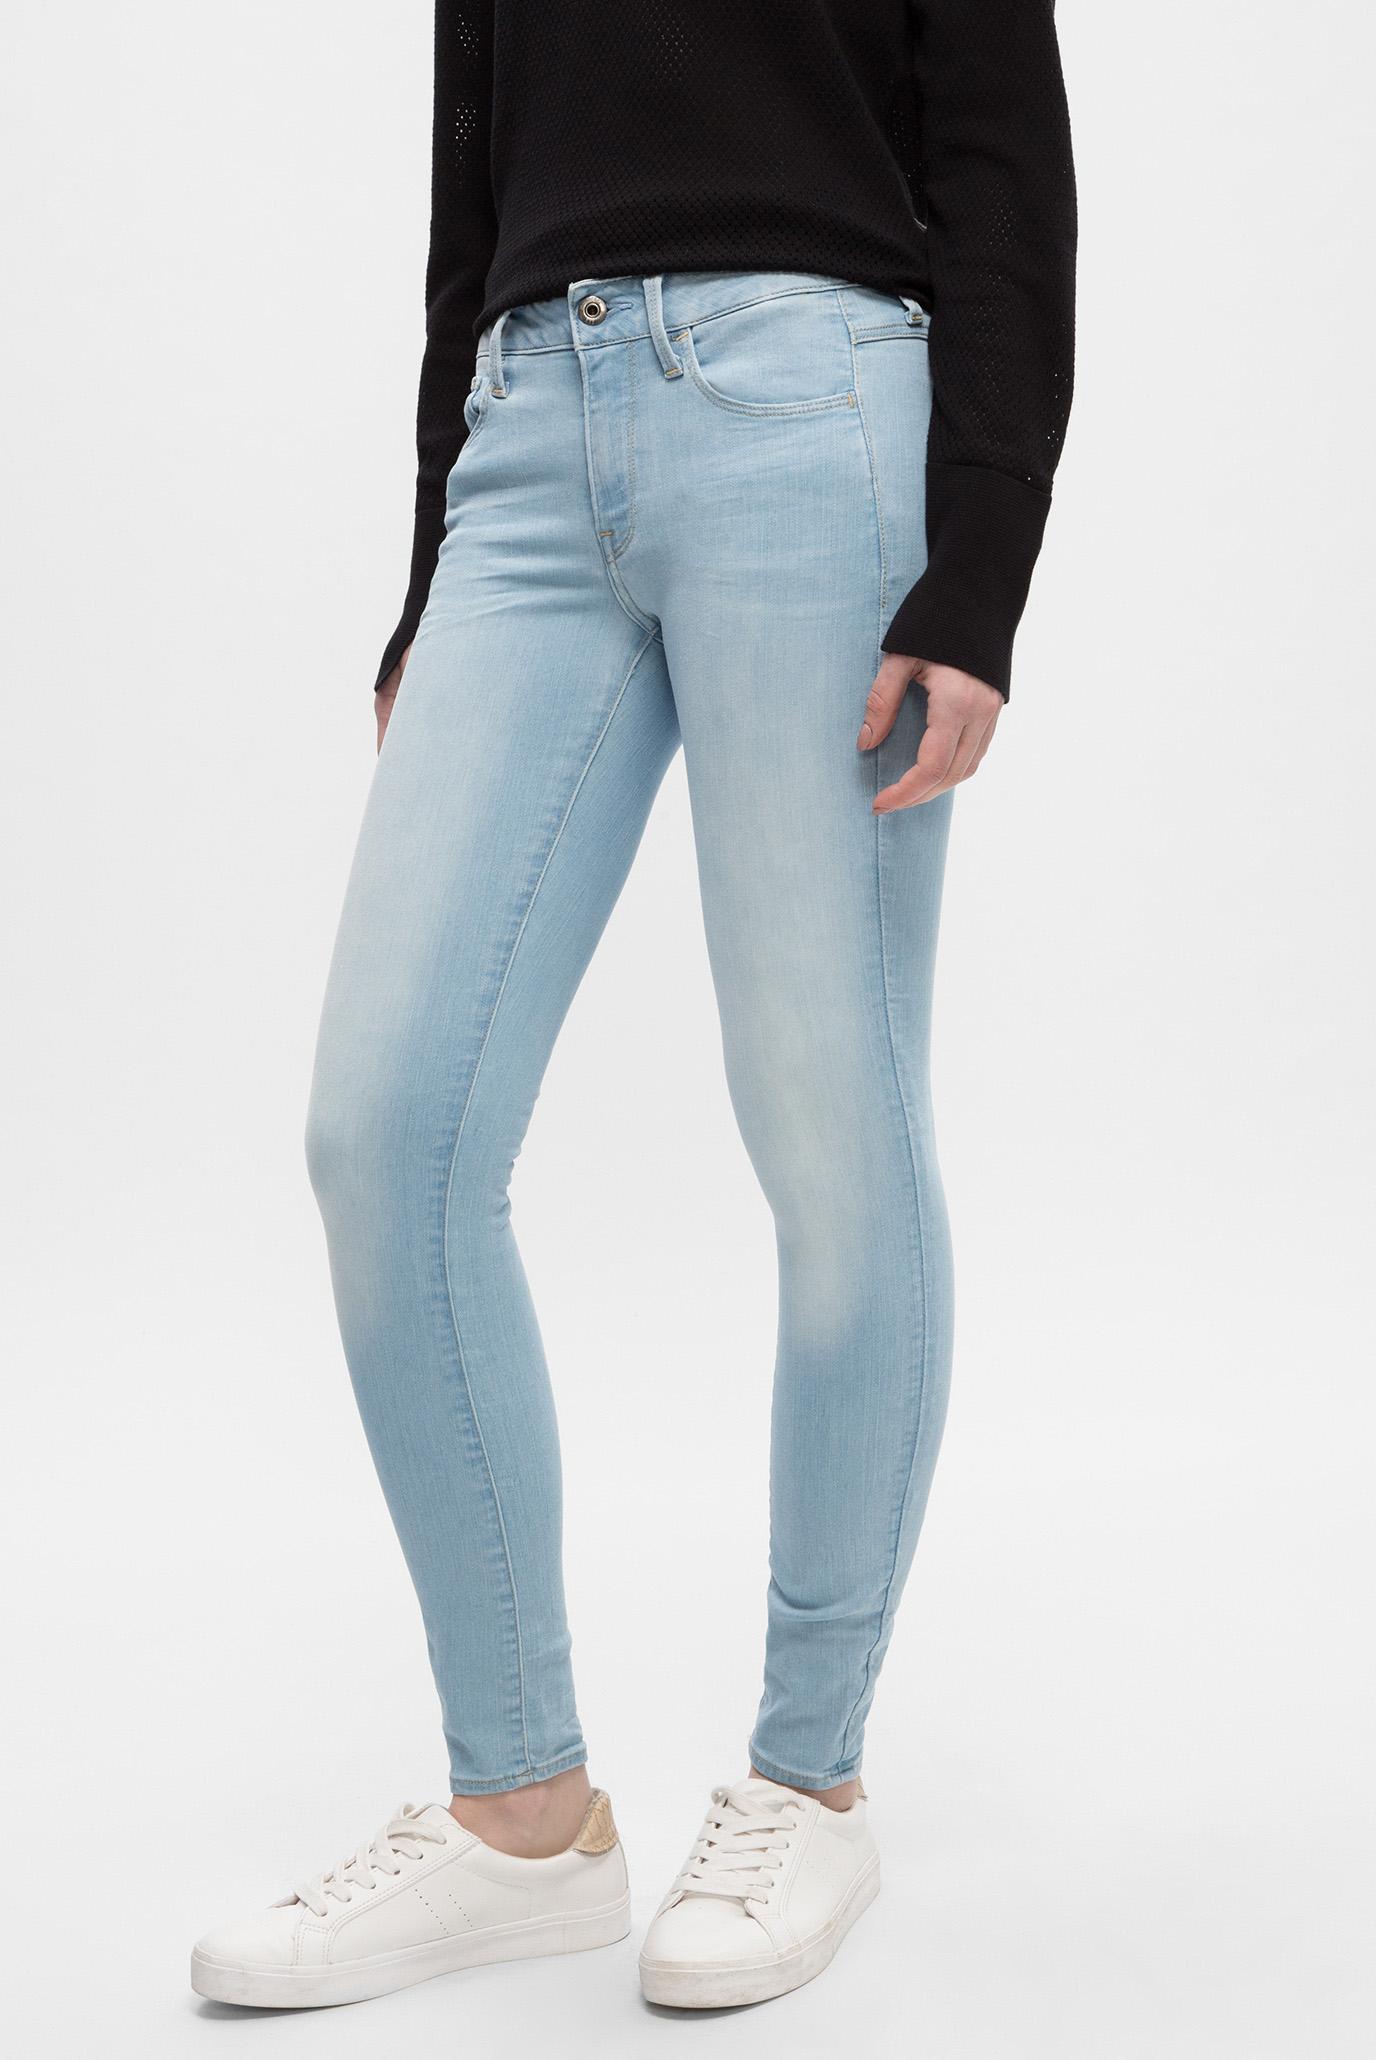 Купить Женские голубые джинсы 3301 D-Mid Skinny Ankle G-Star RAW G-Star RAW D07331,9442 – Киев, Украина. Цены в интернет магазине MD Fashion